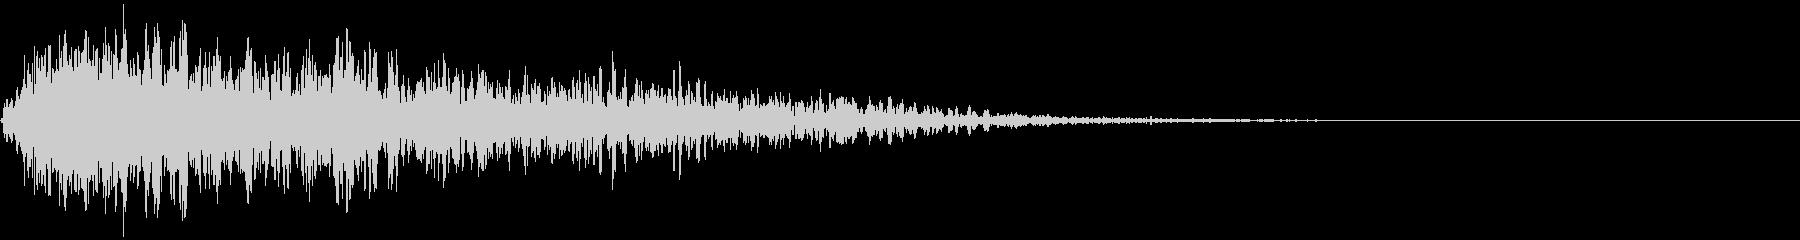 【ダーク・ホラー】重い衝撃音_ドーン・・の未再生の波形